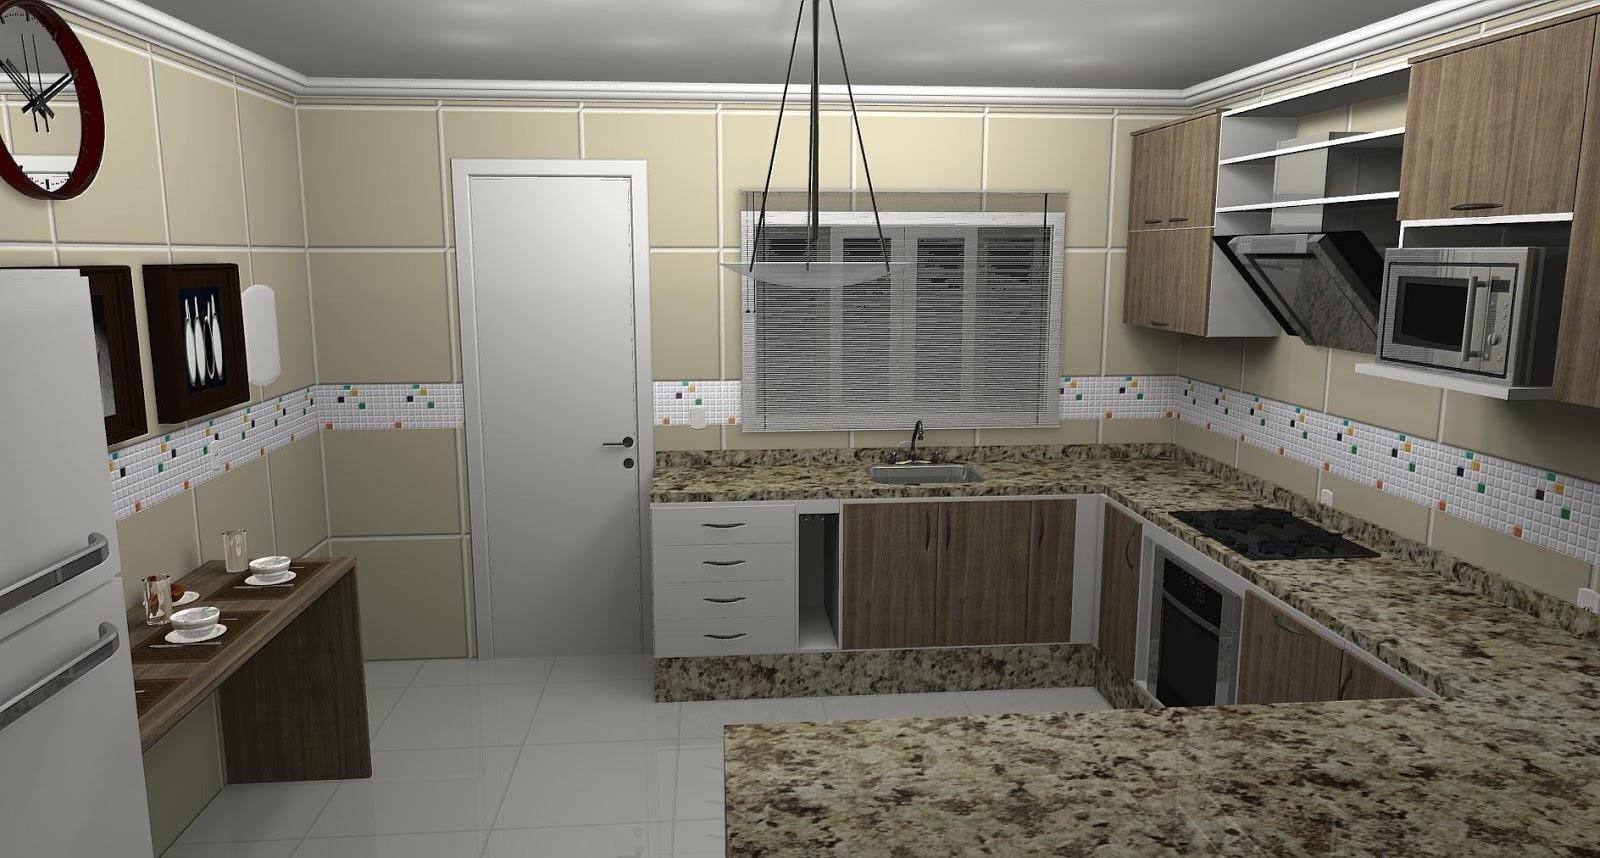 #496864 PROJETO DESIGN DECORAÇAO: Fevereiro 2013 1600x858 px Projeto Cozinha Em U_4187 Imagens